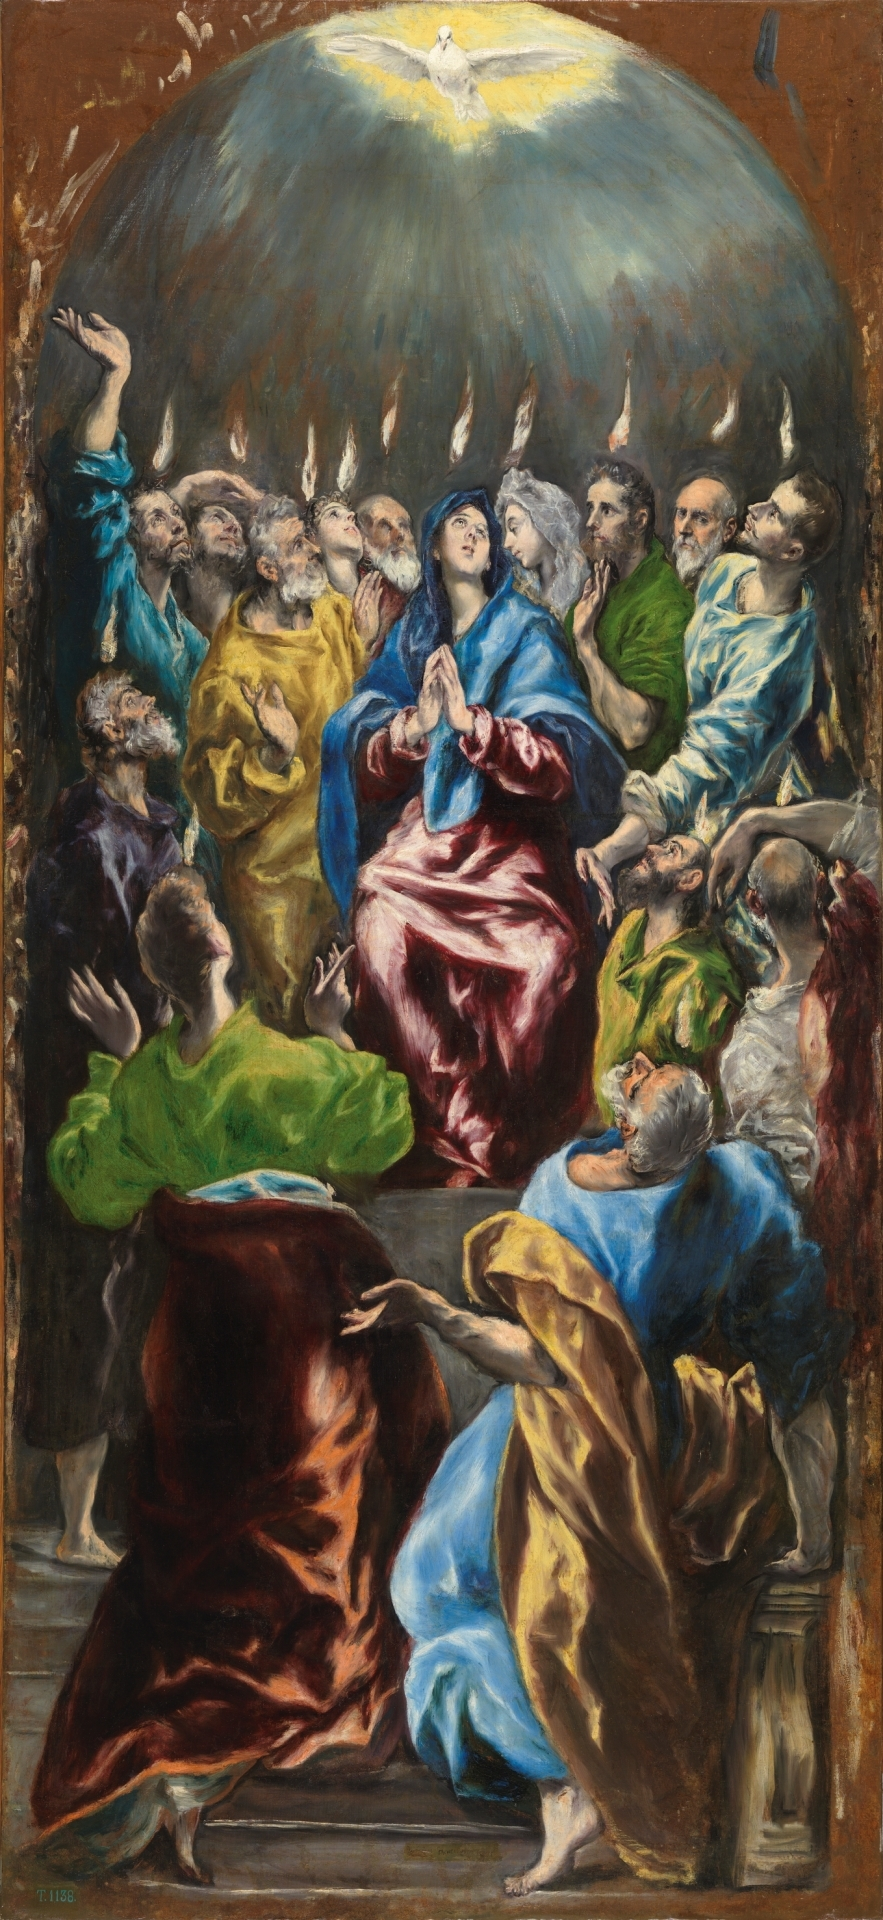 Le Greco - La pentecote, 1596-1600